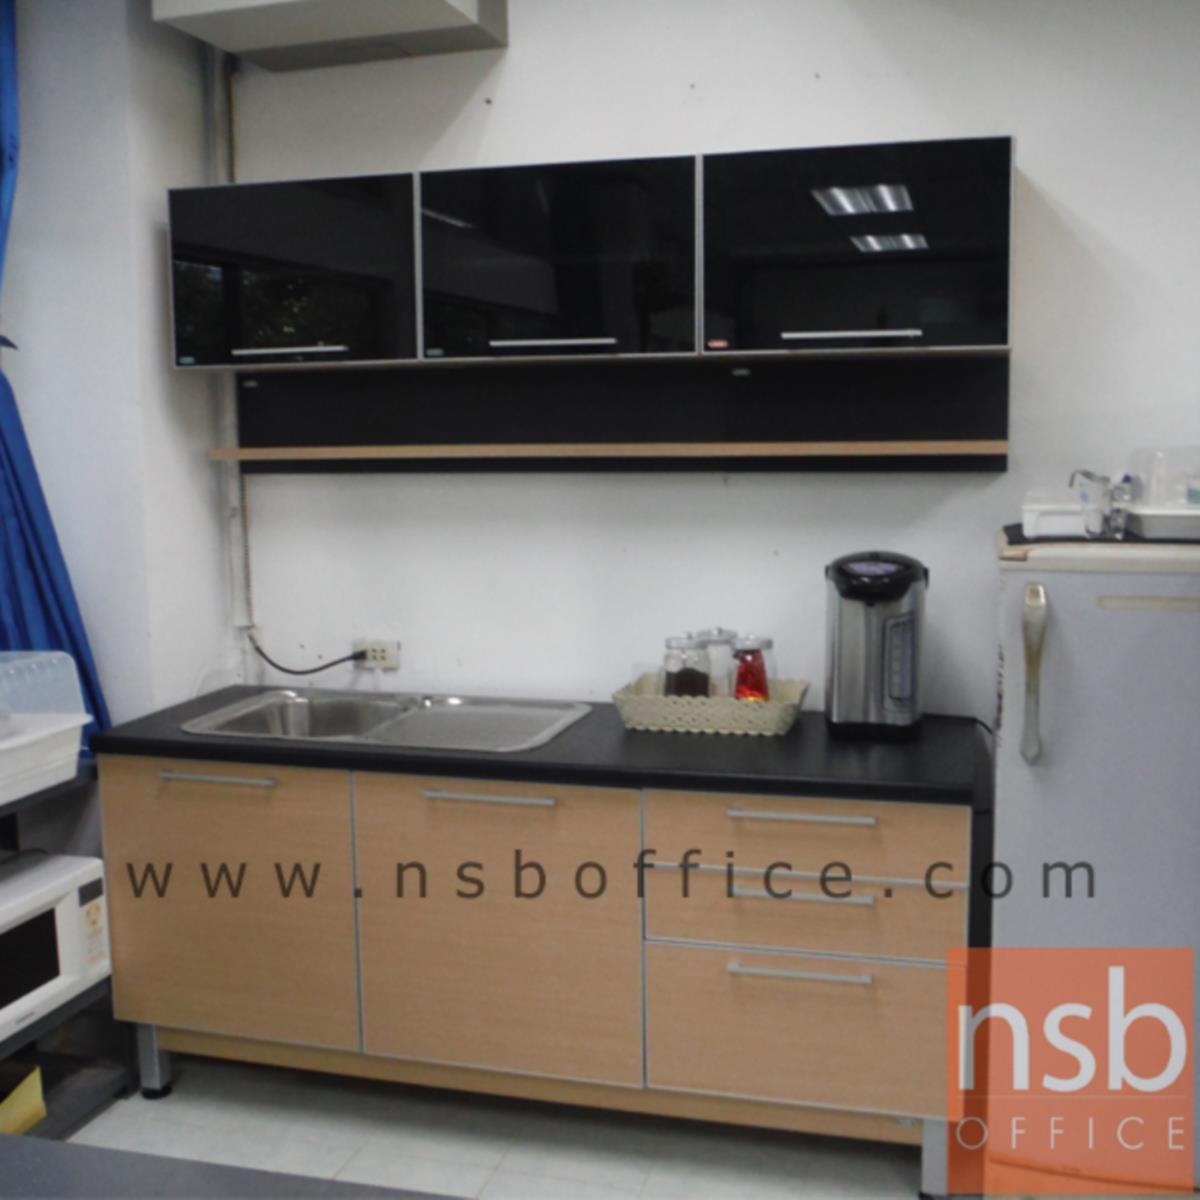 ชุดตู้ครัวสีบีทดำ 180W cm.  รุ่น STEP-12  (สำหรับครัวเปียกและครัวแห้ง)